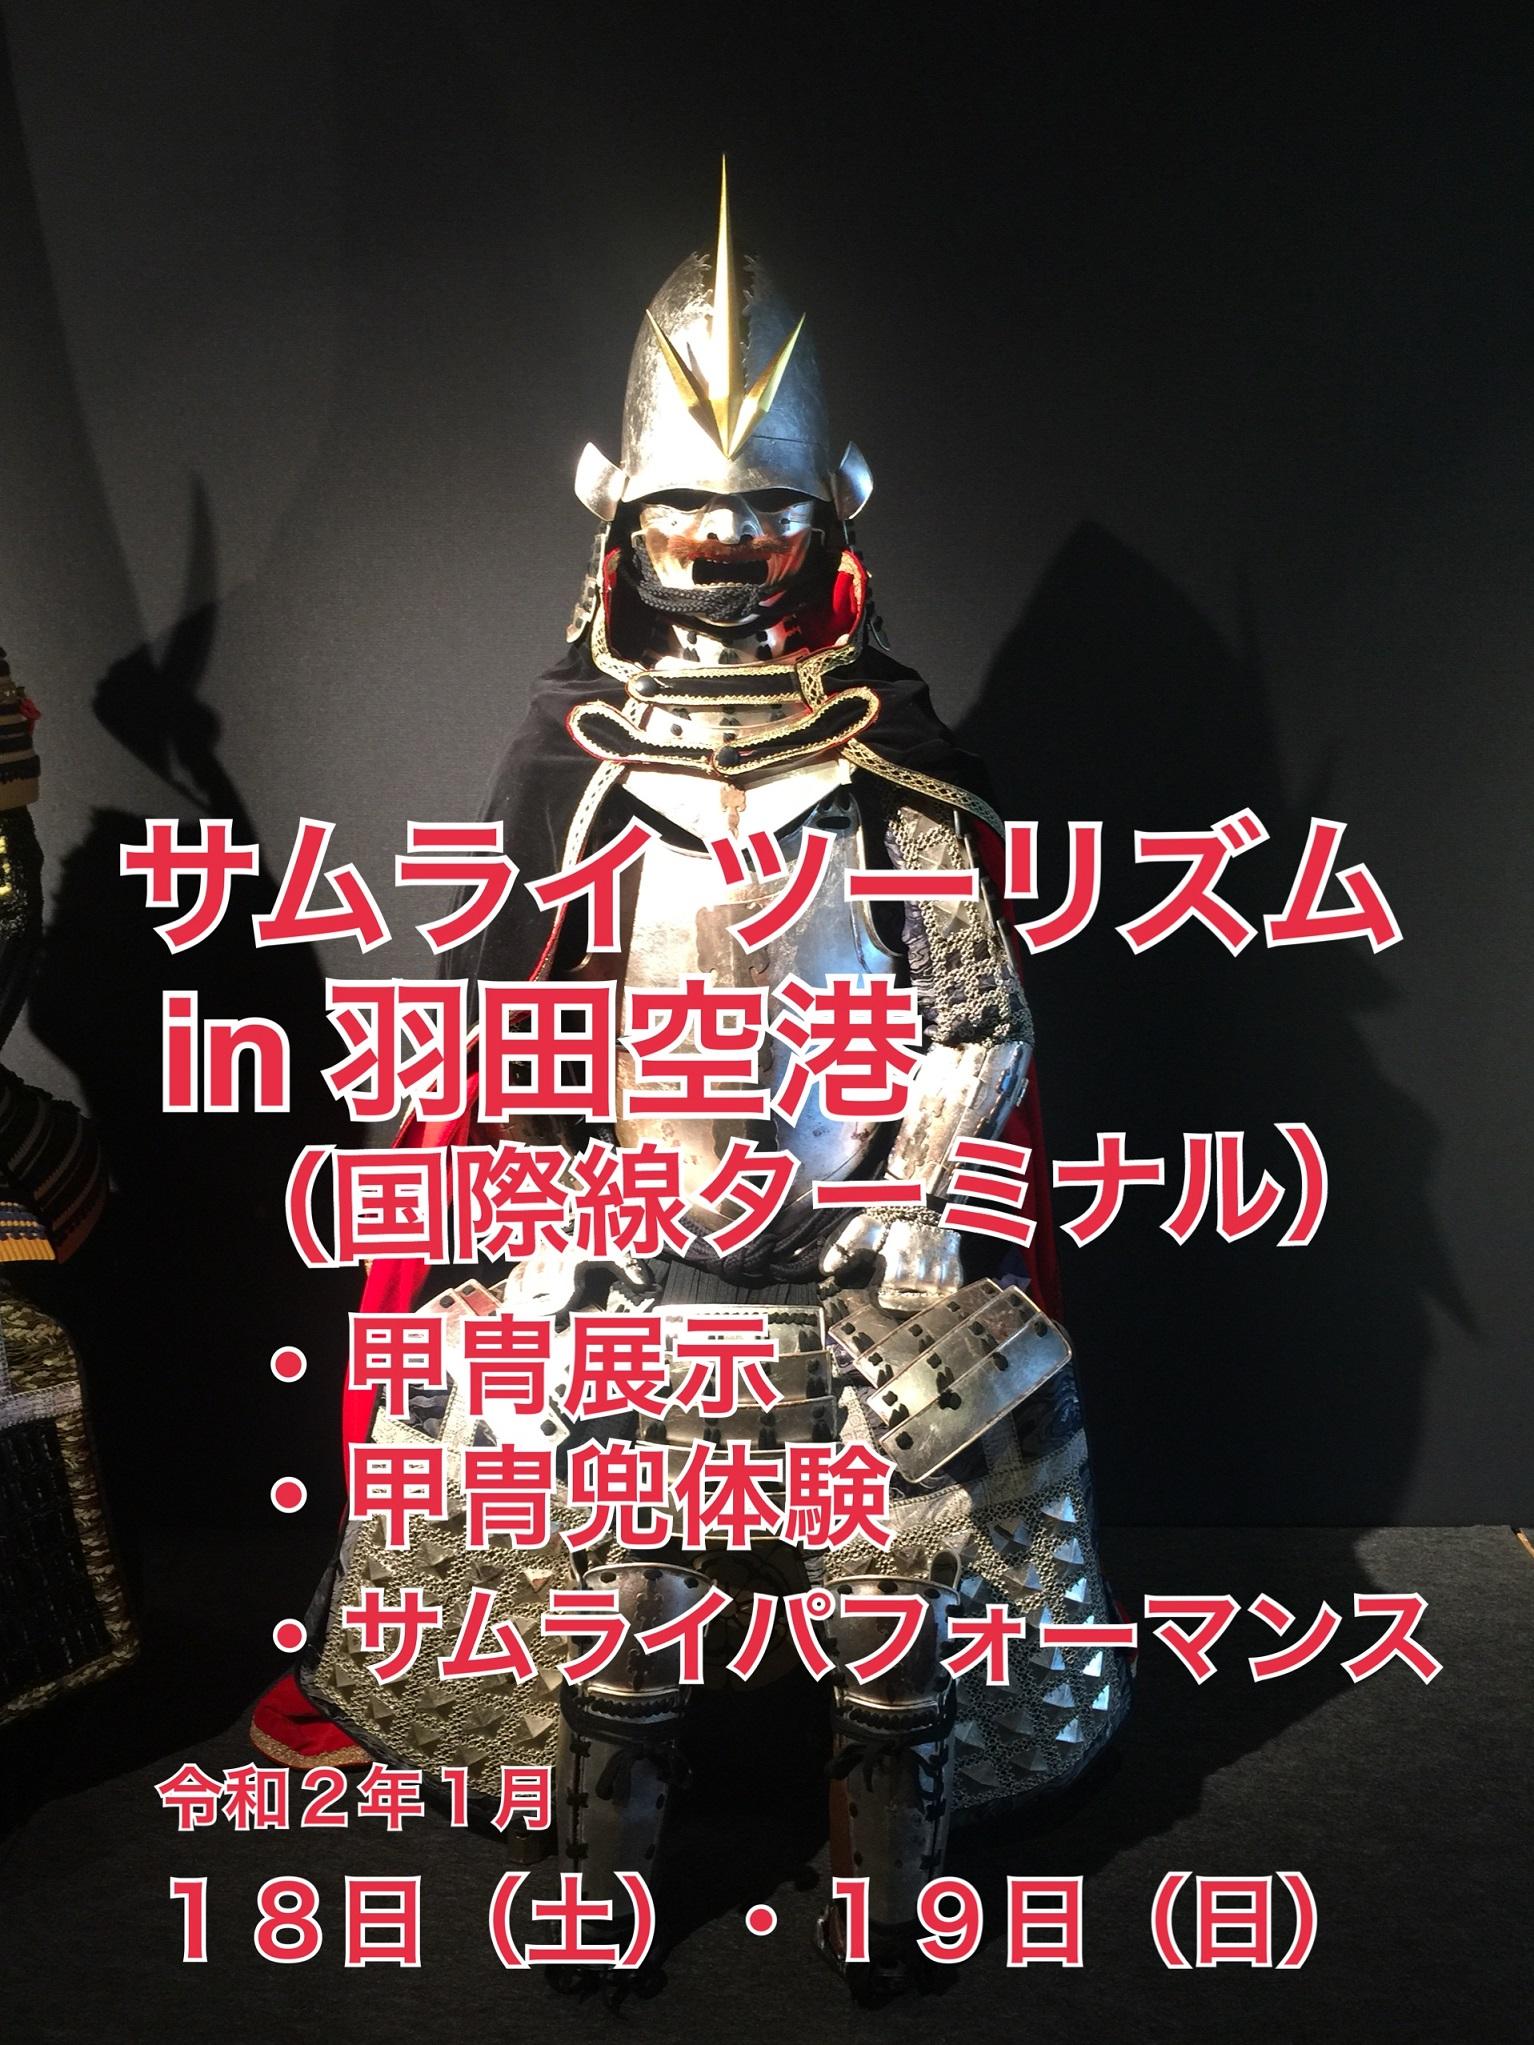 サムライ ツーリズム in 羽田空港 1/18(土)・19(日)